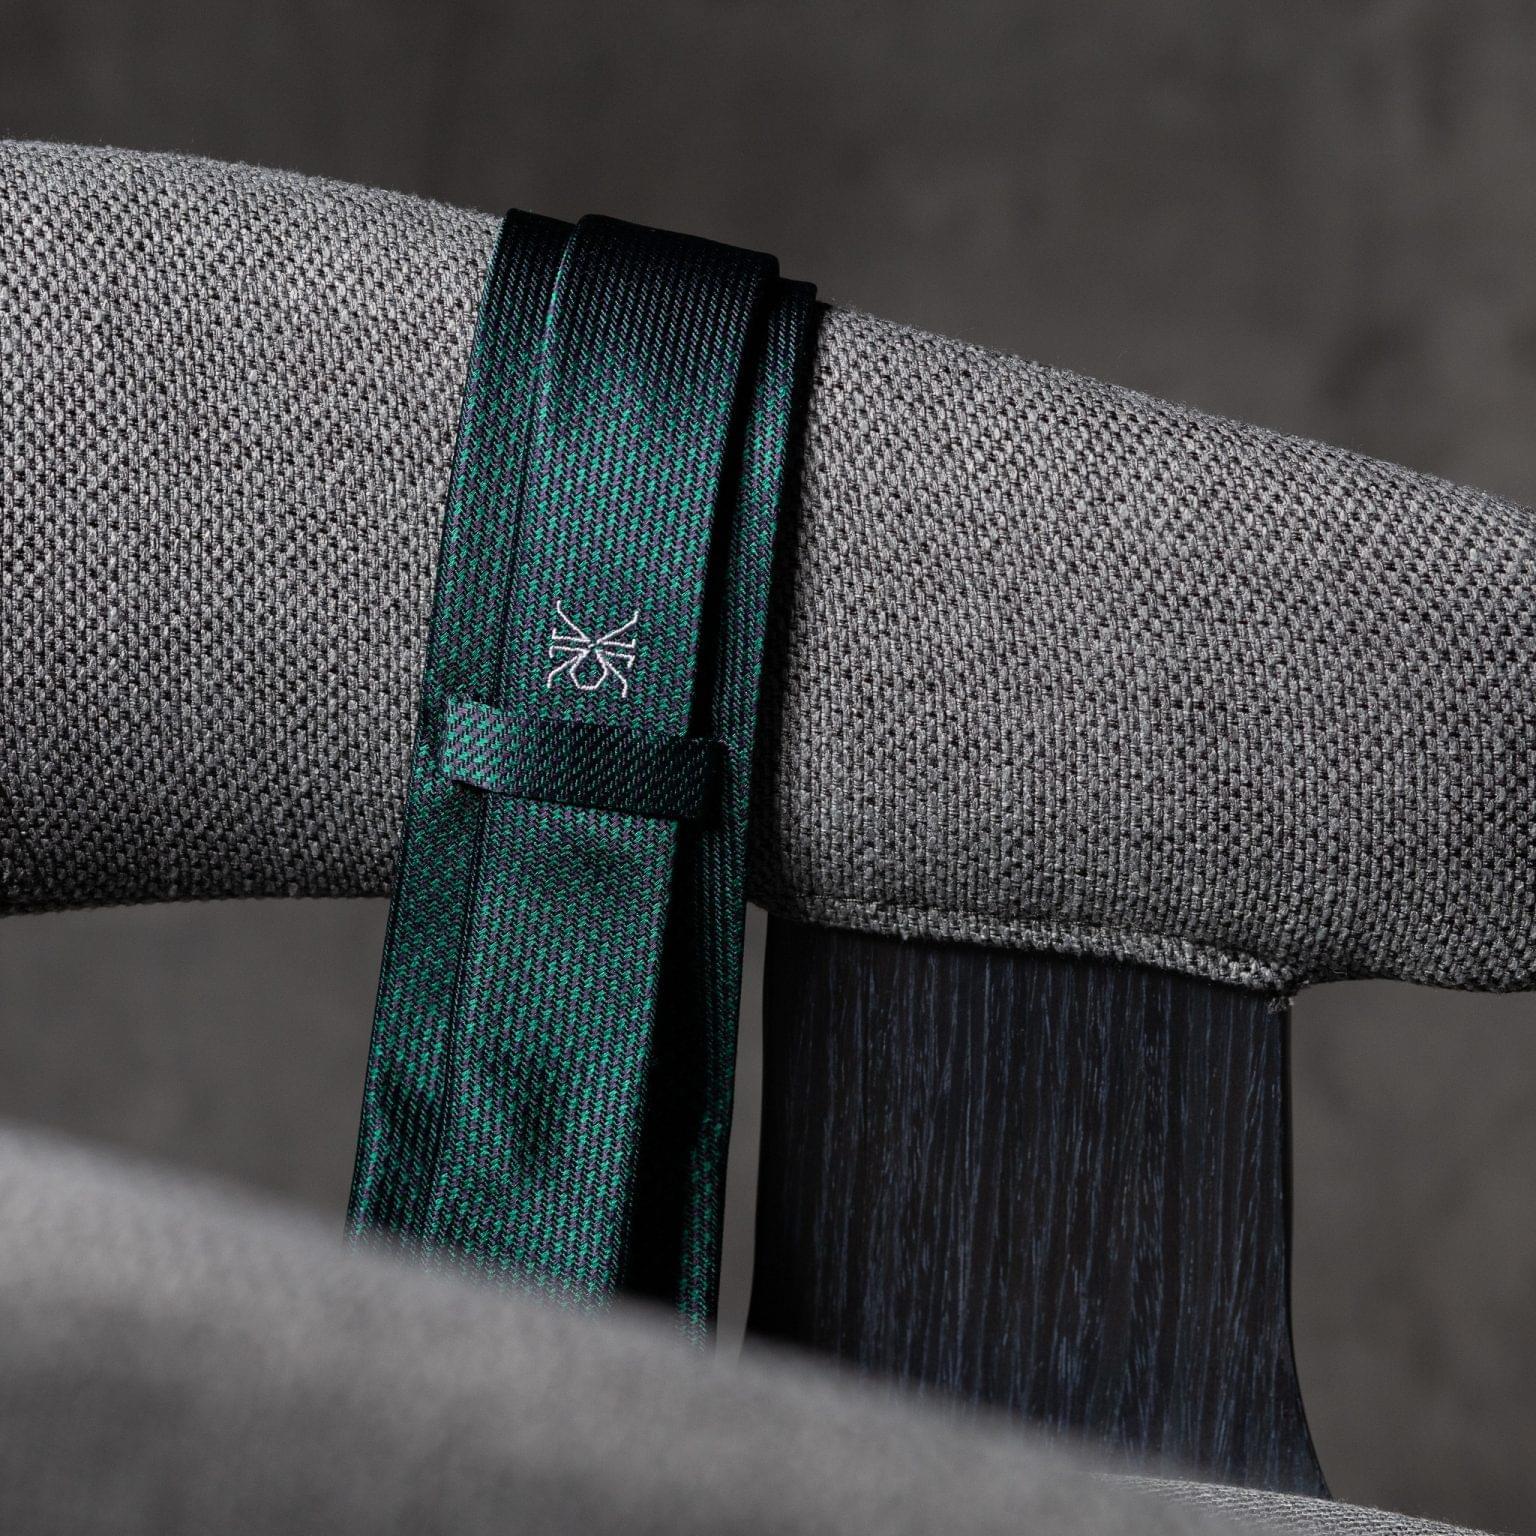 JACQUARD-0540-Tie-Initials-Corbata-Iniciales-The-Seelk-4